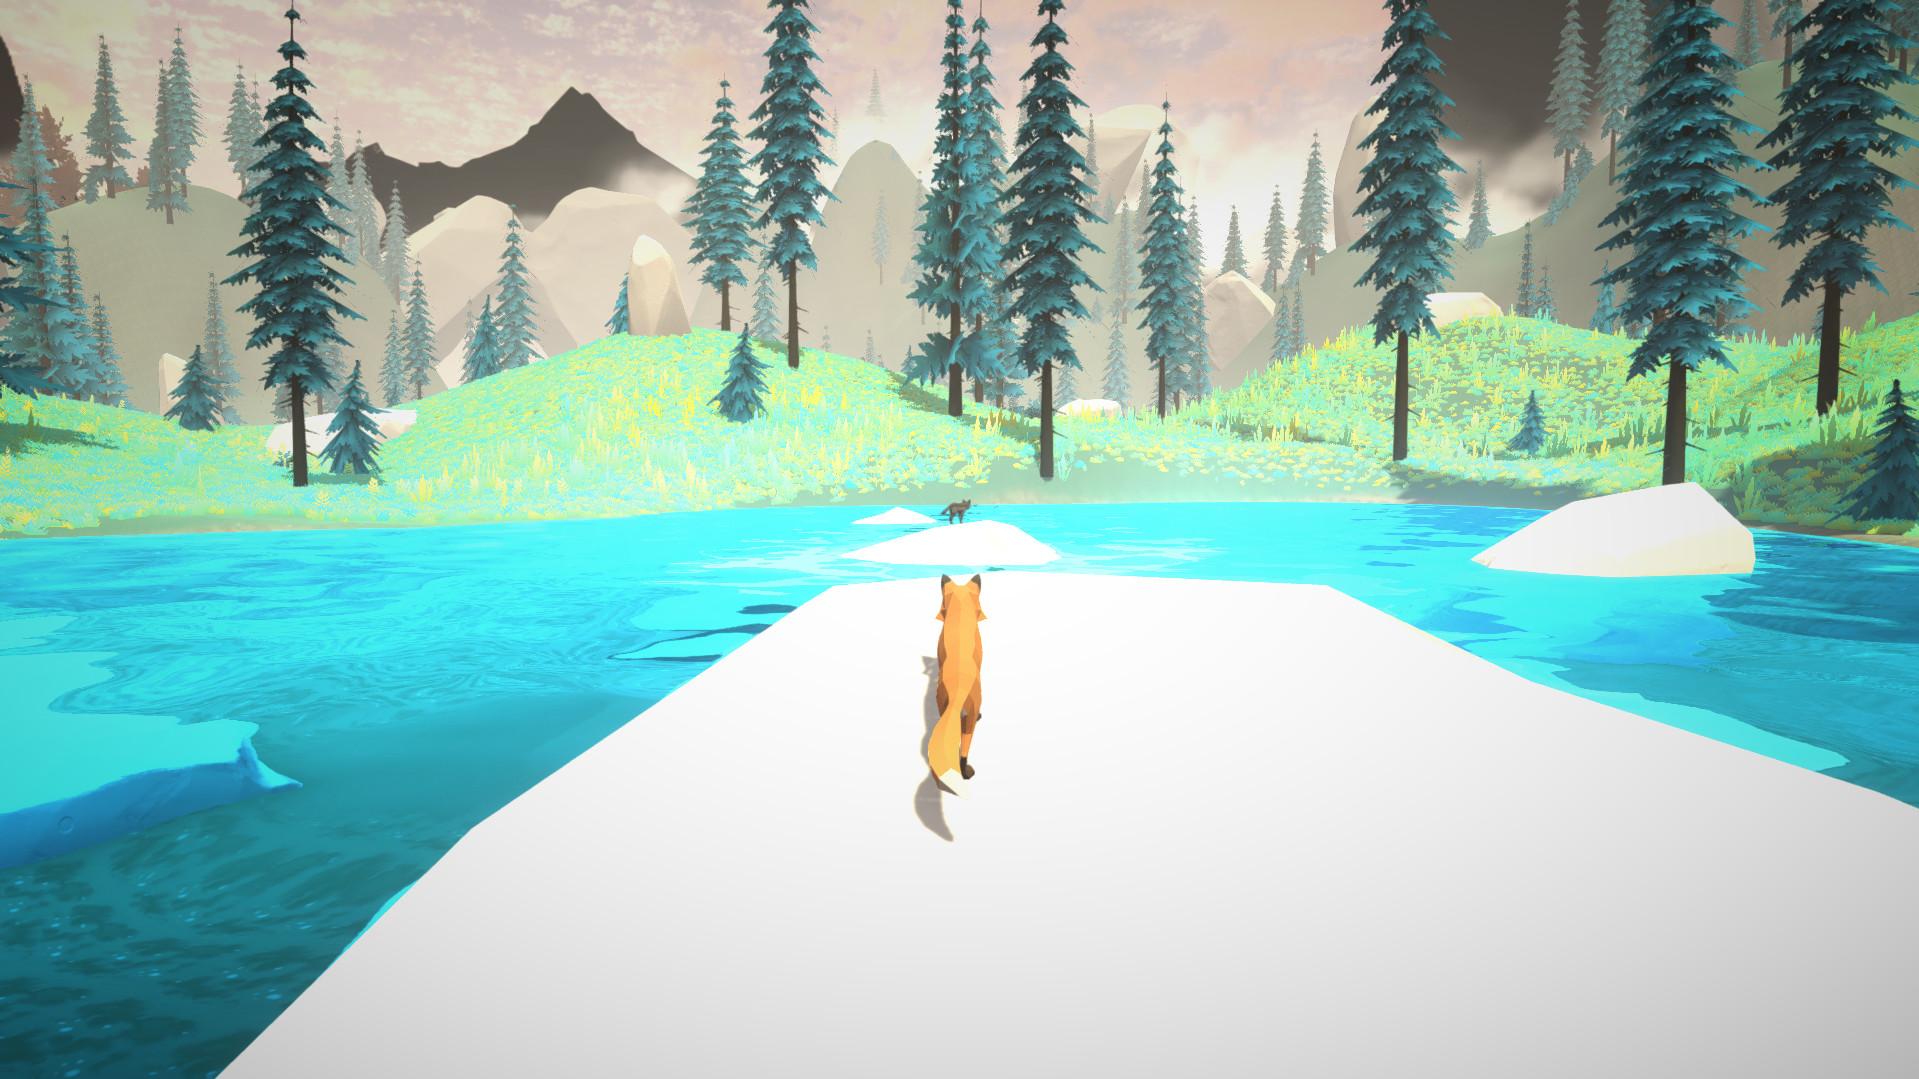 lost-dream-pc-screenshot-1